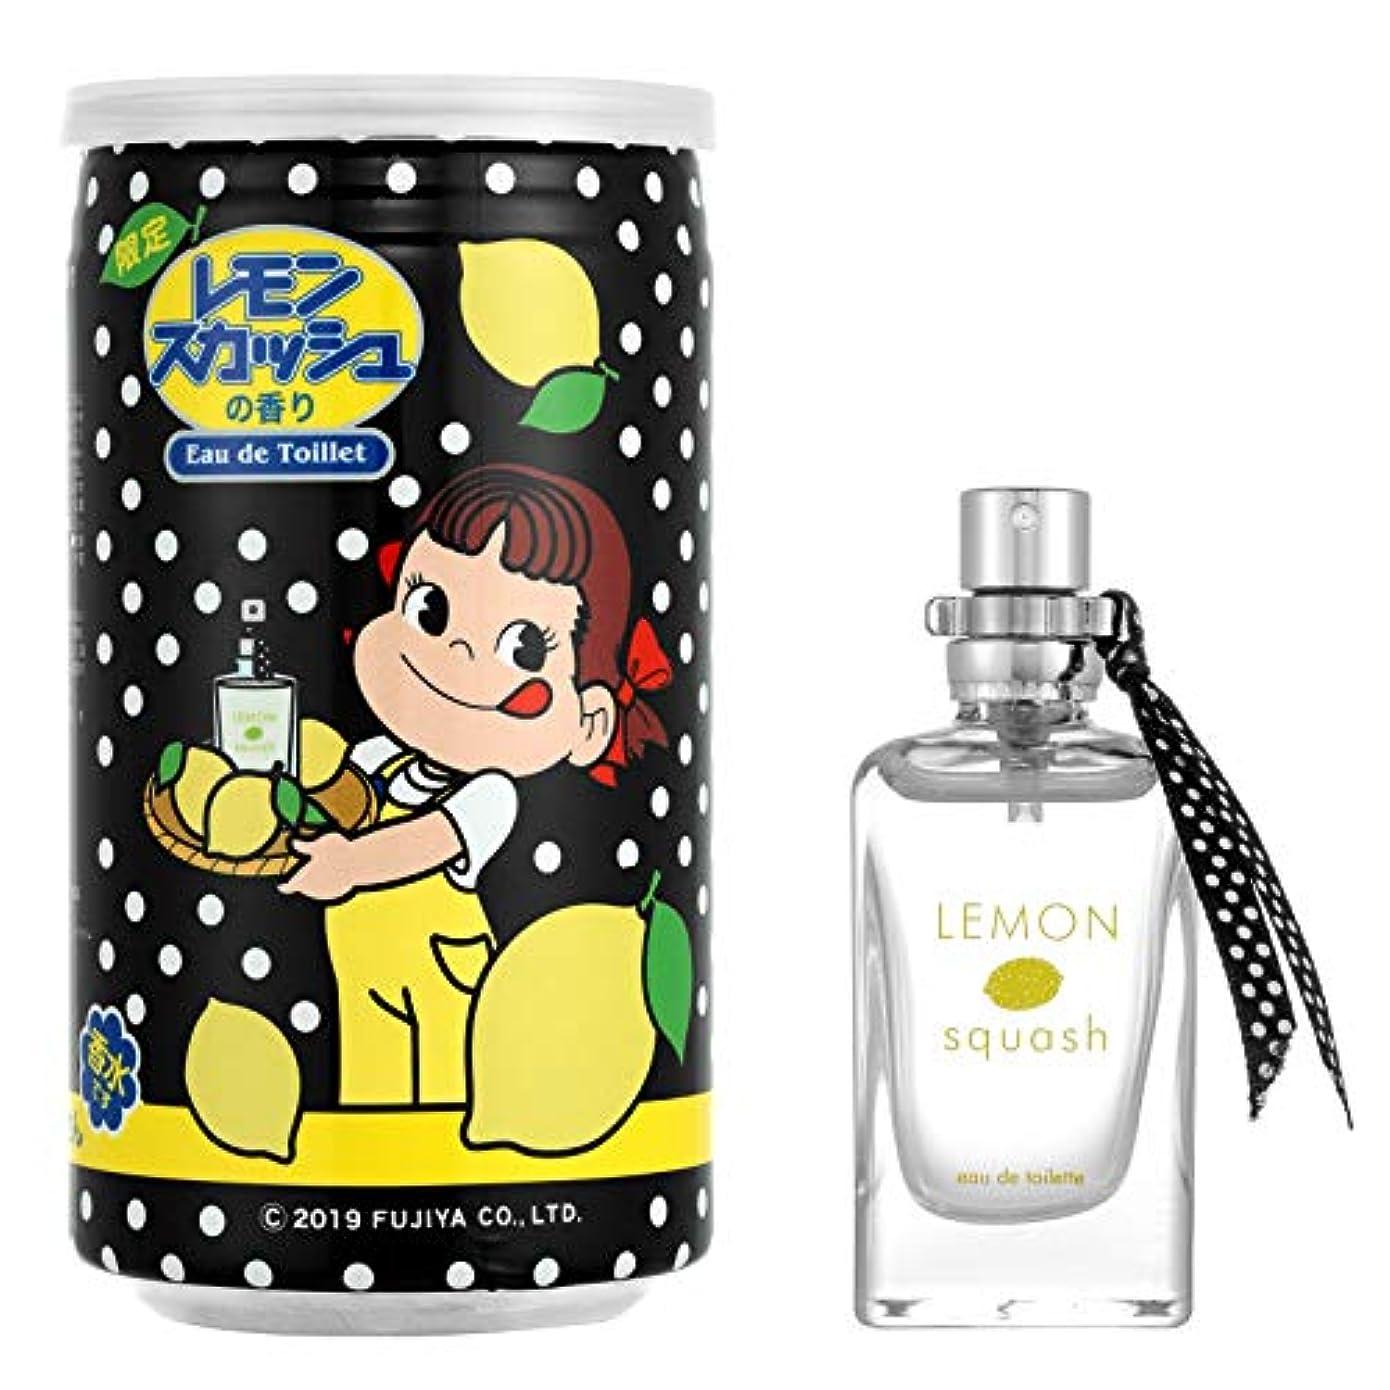 目覚めるつづり無力不二家 レモンスカッシュの香り オードトワレ 30mL